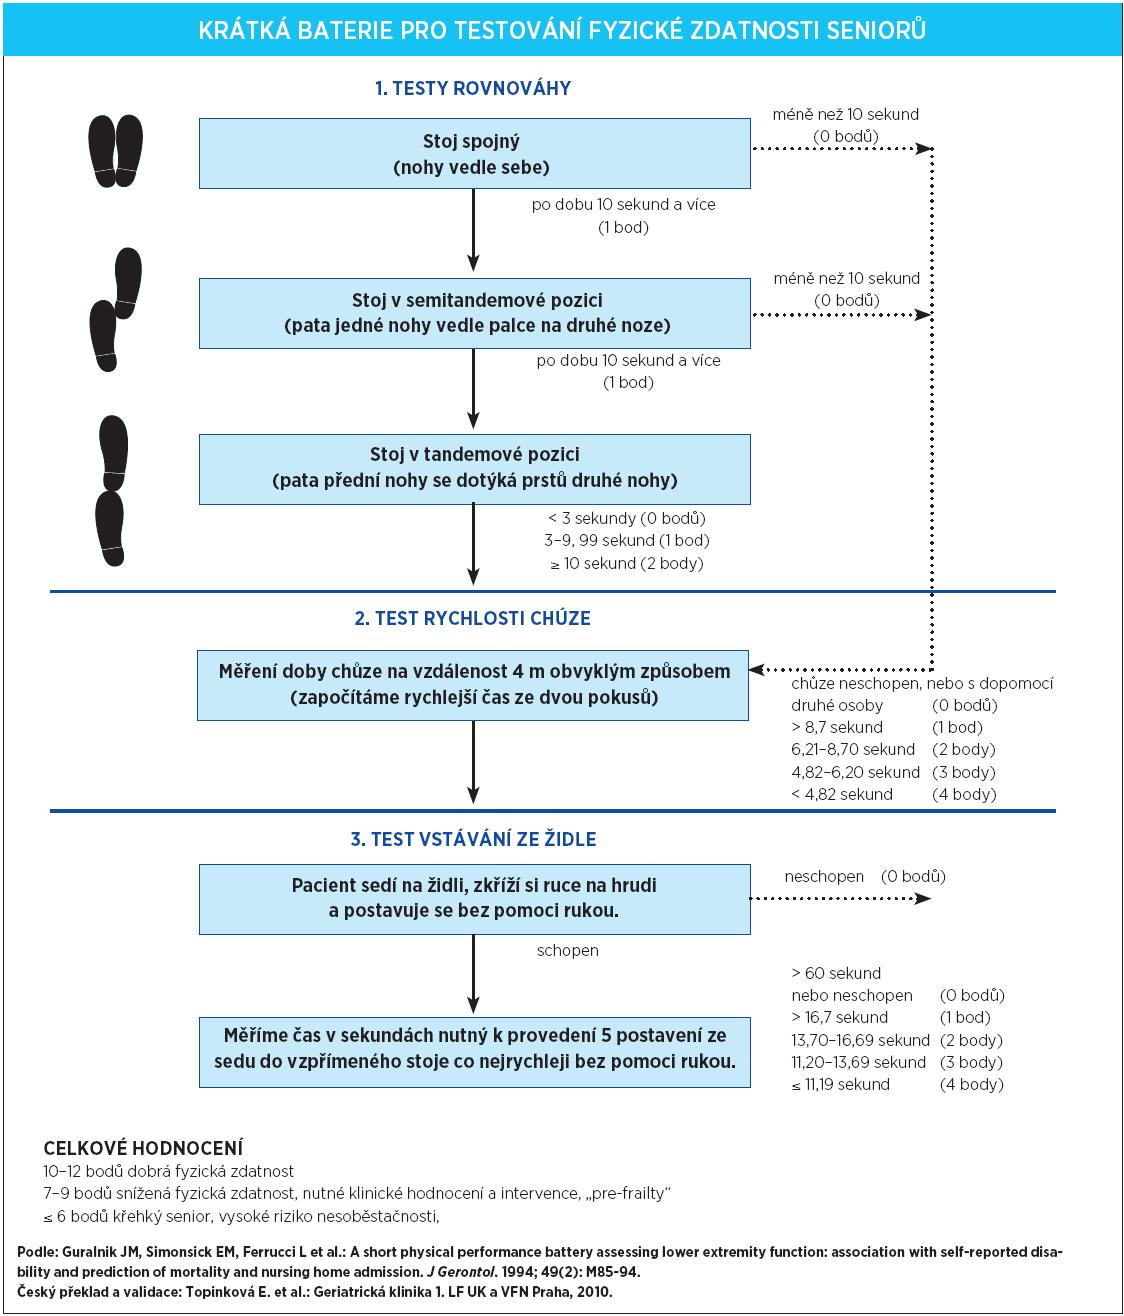 Příloha 1. Krátká baterie pro testování fyzické zdatnosti seniorů a skórování jednotlivých položek